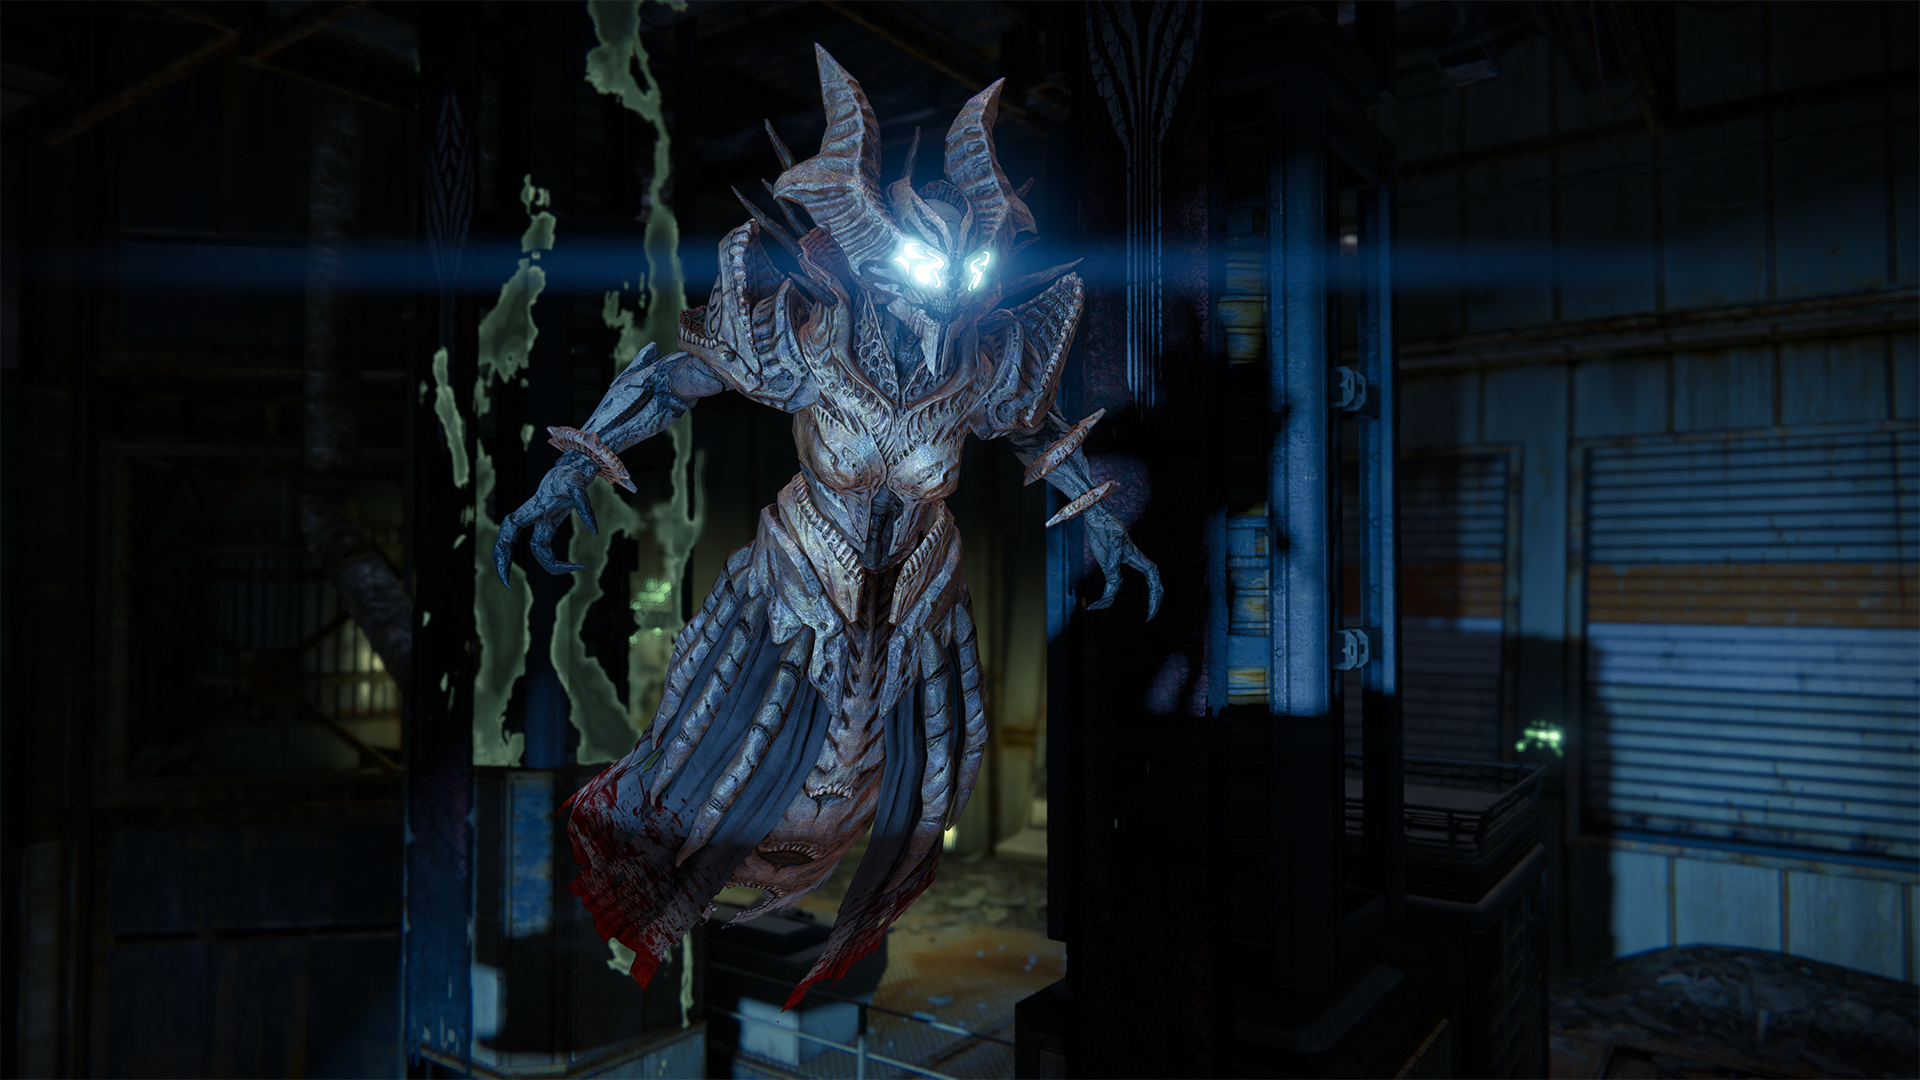 První expanze do Destiny dorazí 9. prosince 101712